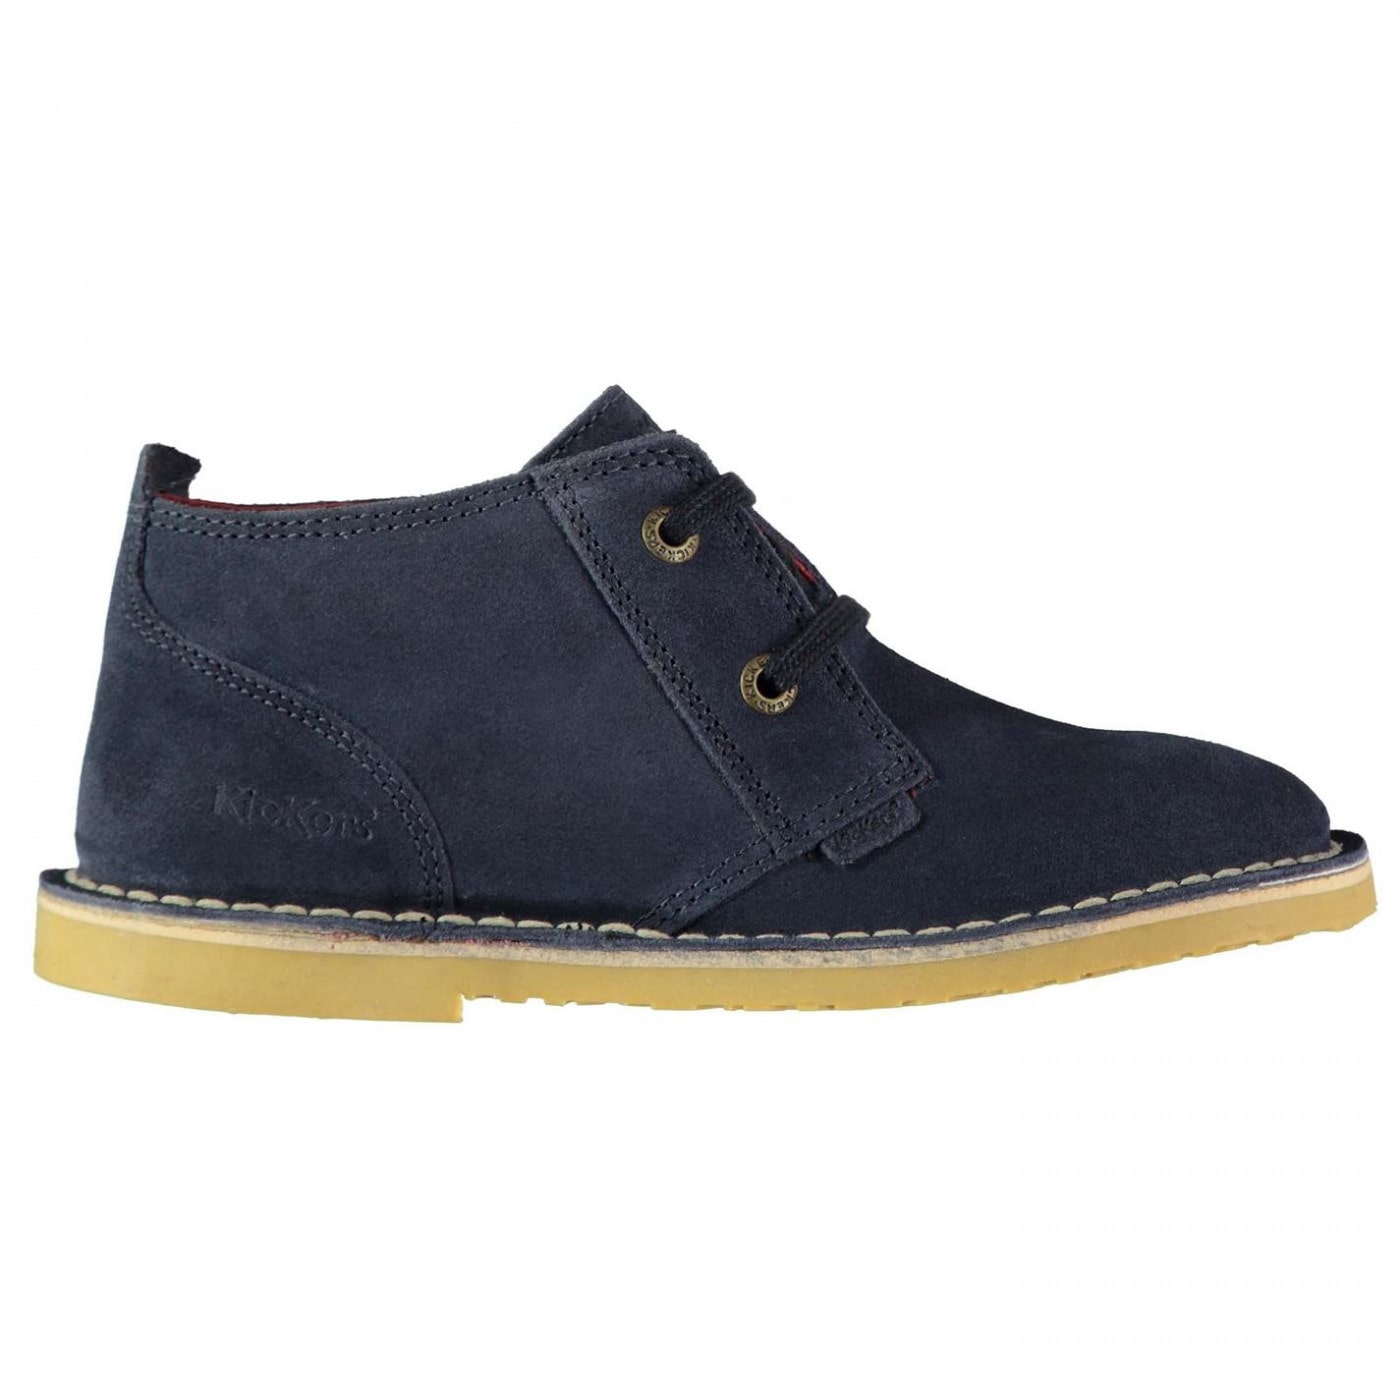 Kickers Des Suede Boys Shoes